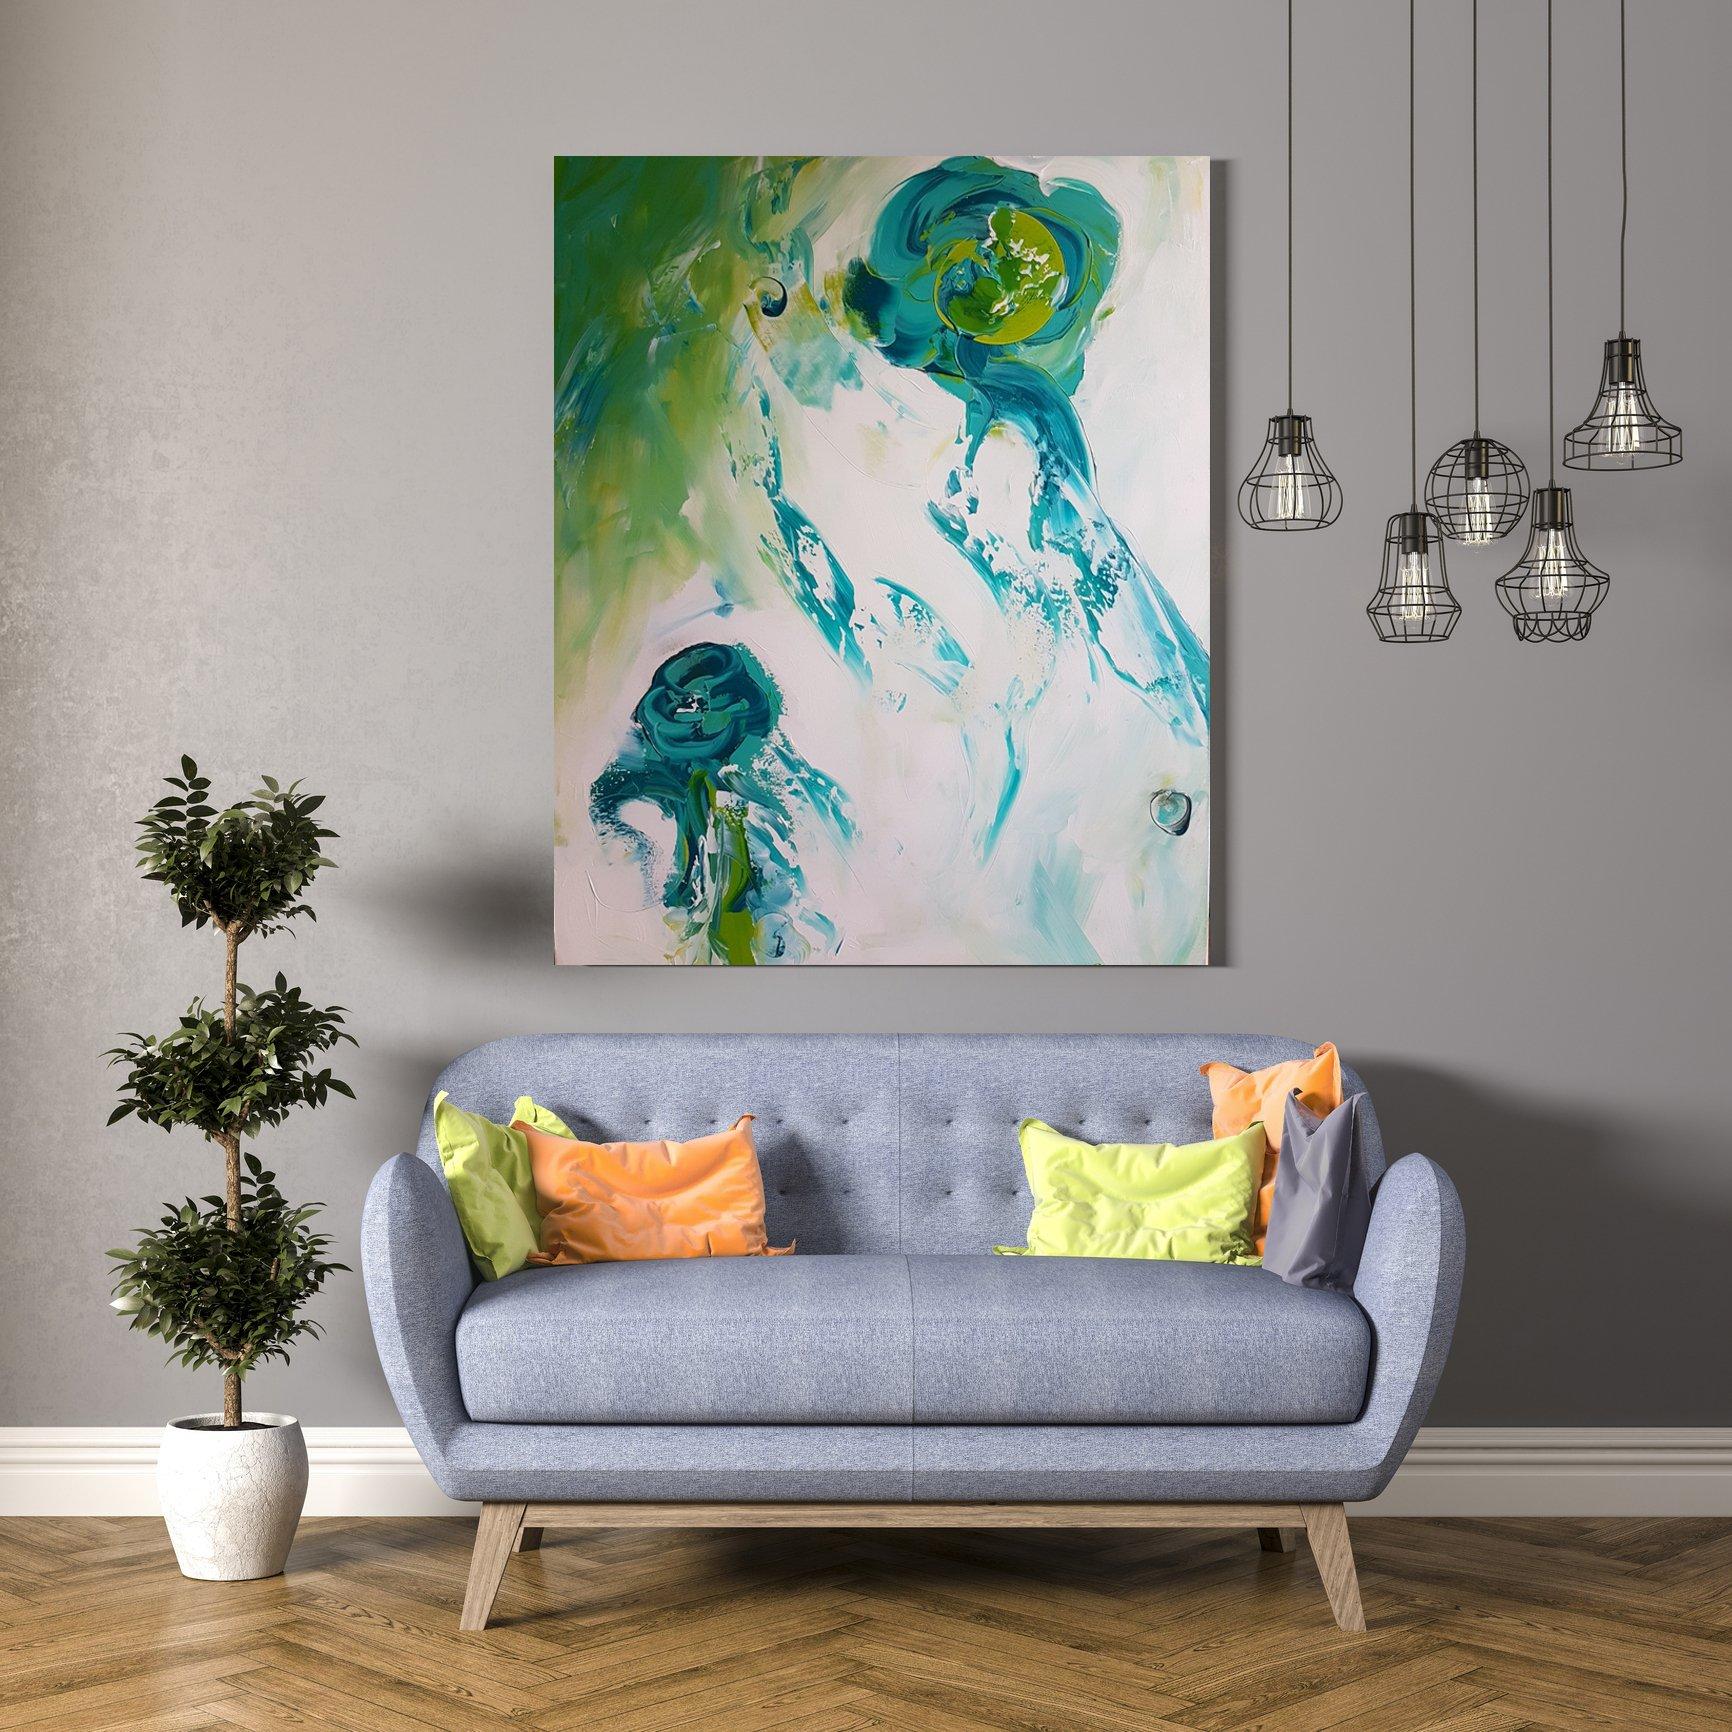 schilderij Water Flowers van Sacha